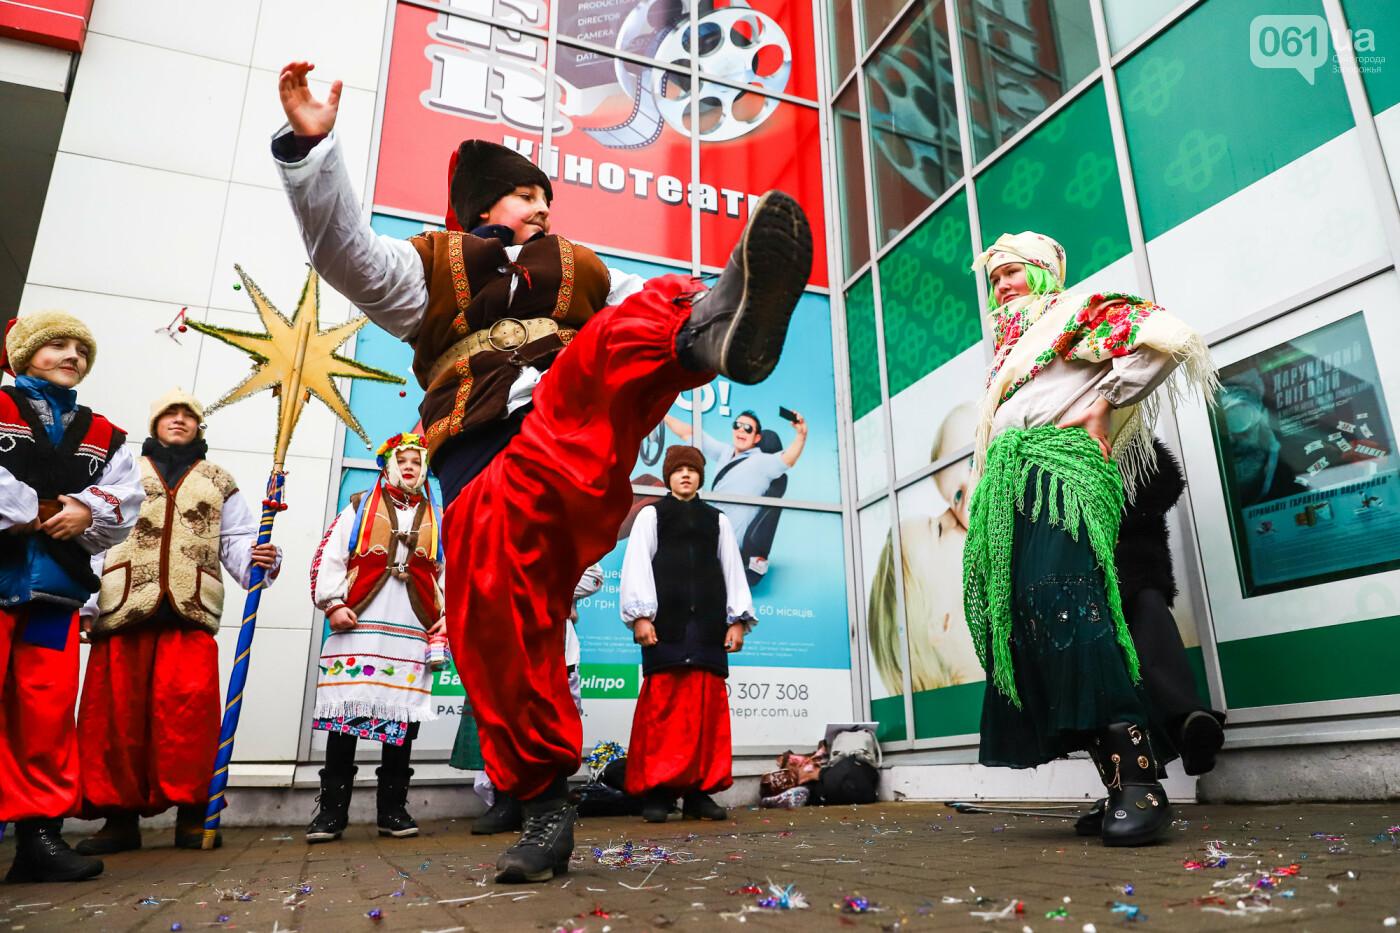 Нечистая сила против казаков: на улицах Запорожья показывали Рождественский вертеп, - ФОТО, ВИДЕО  , фото-21